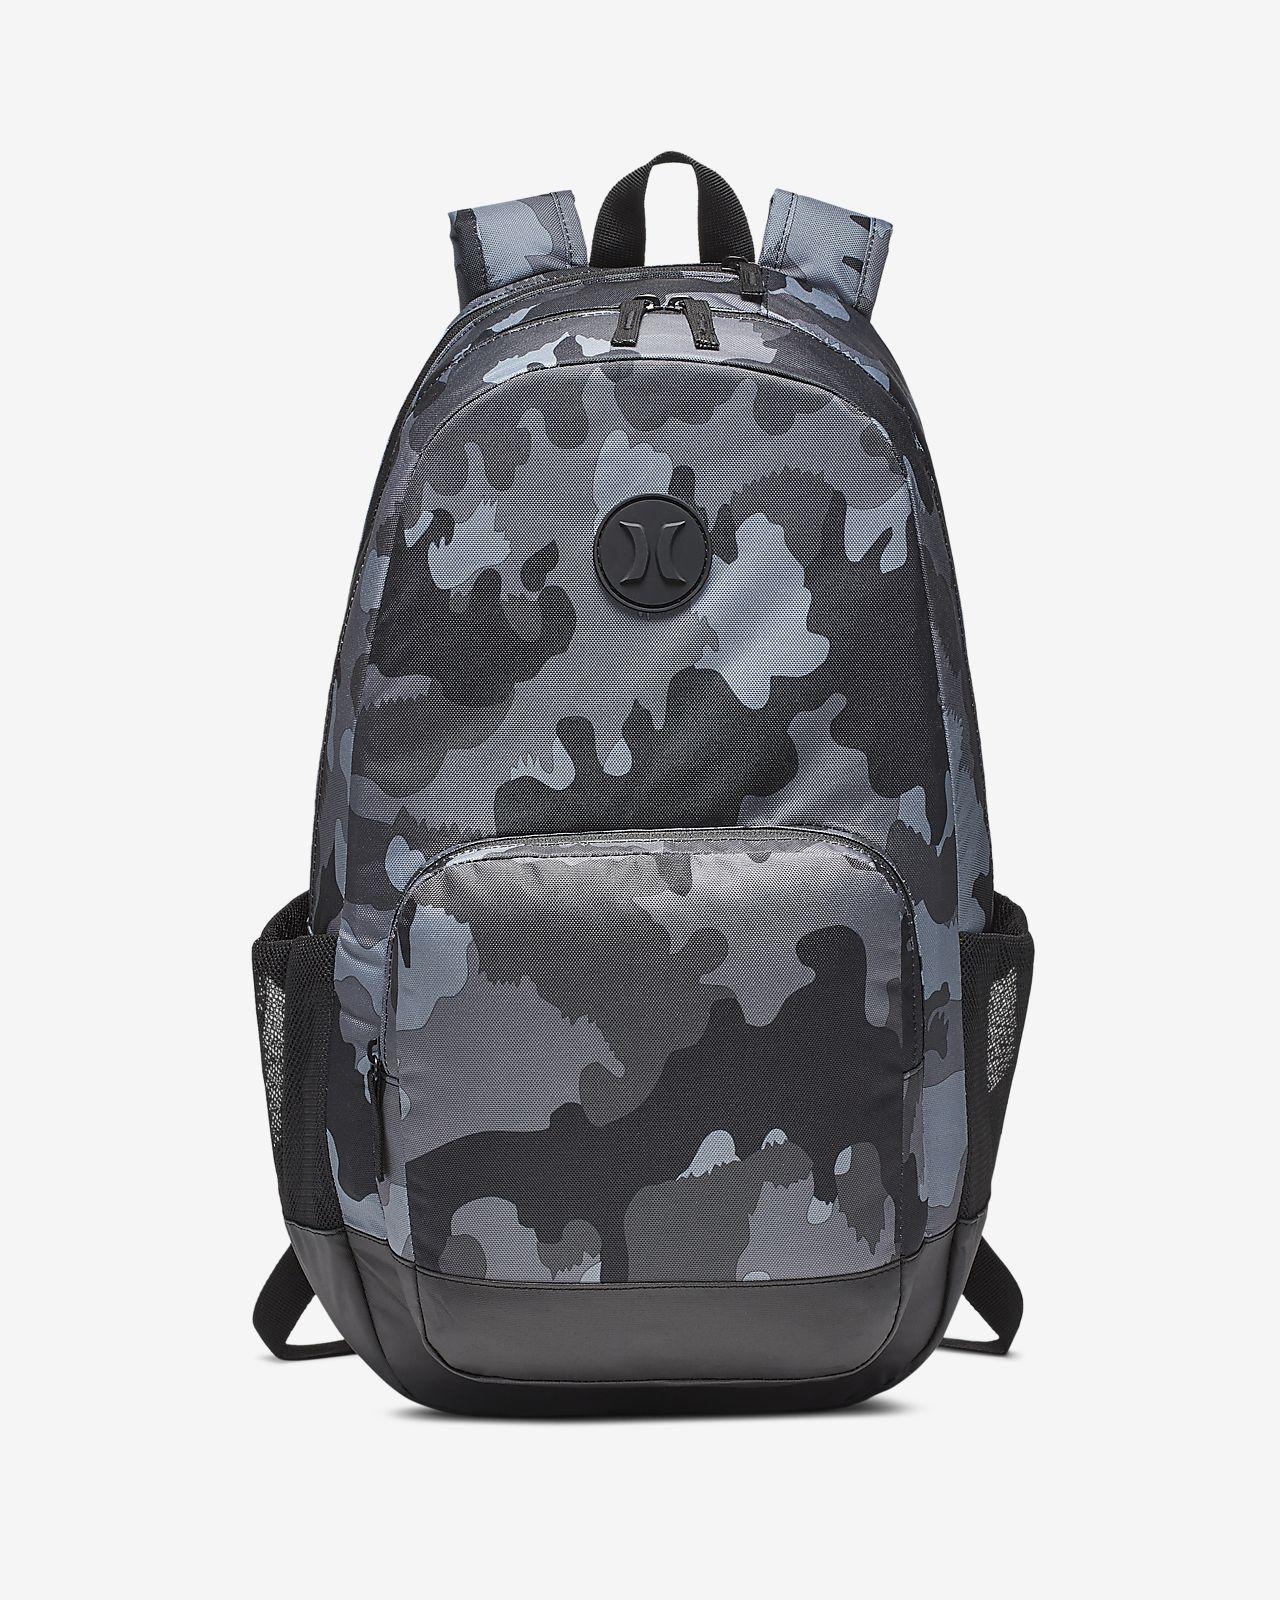 Hurley Renegade II Printed Backpack